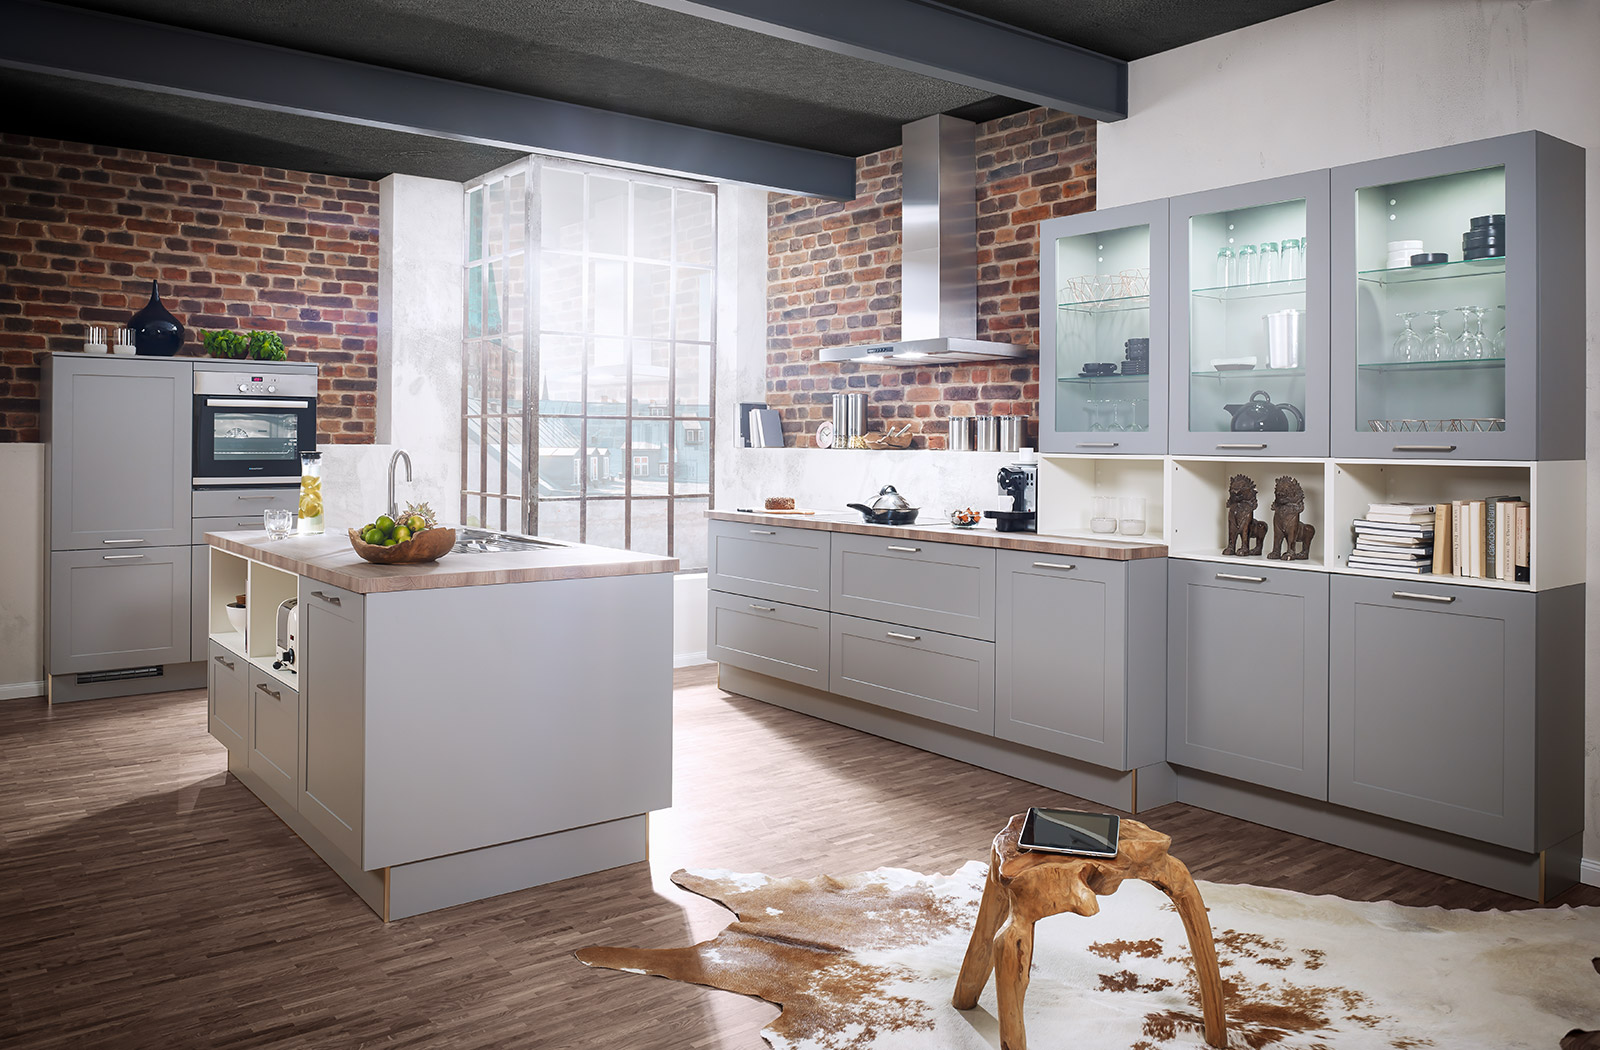 Meble kuchenne Lotus - efektowna aranżacja wnętrza kuchennego - oferta SAS Wnętrza i Kuchnie - Meble Kuchenne i Projektowanie wnętrz.